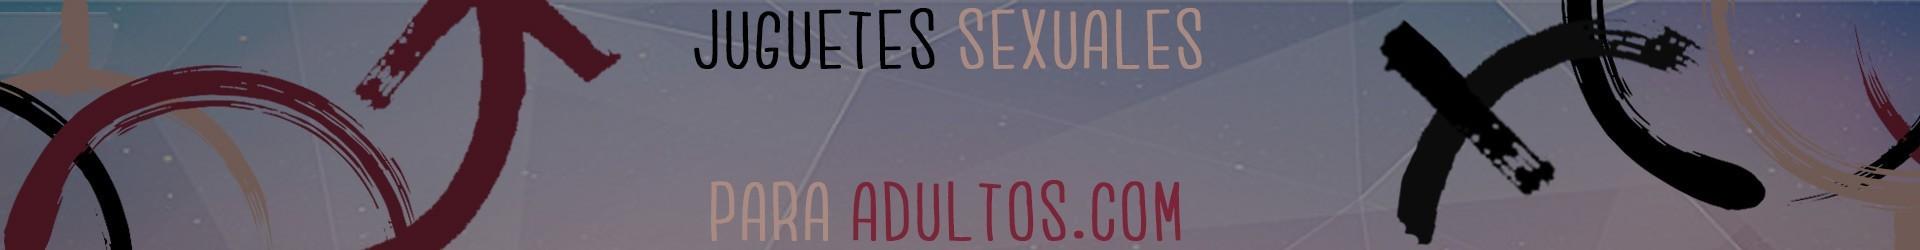 Bandas - Juguetes Sexuales para Adultos